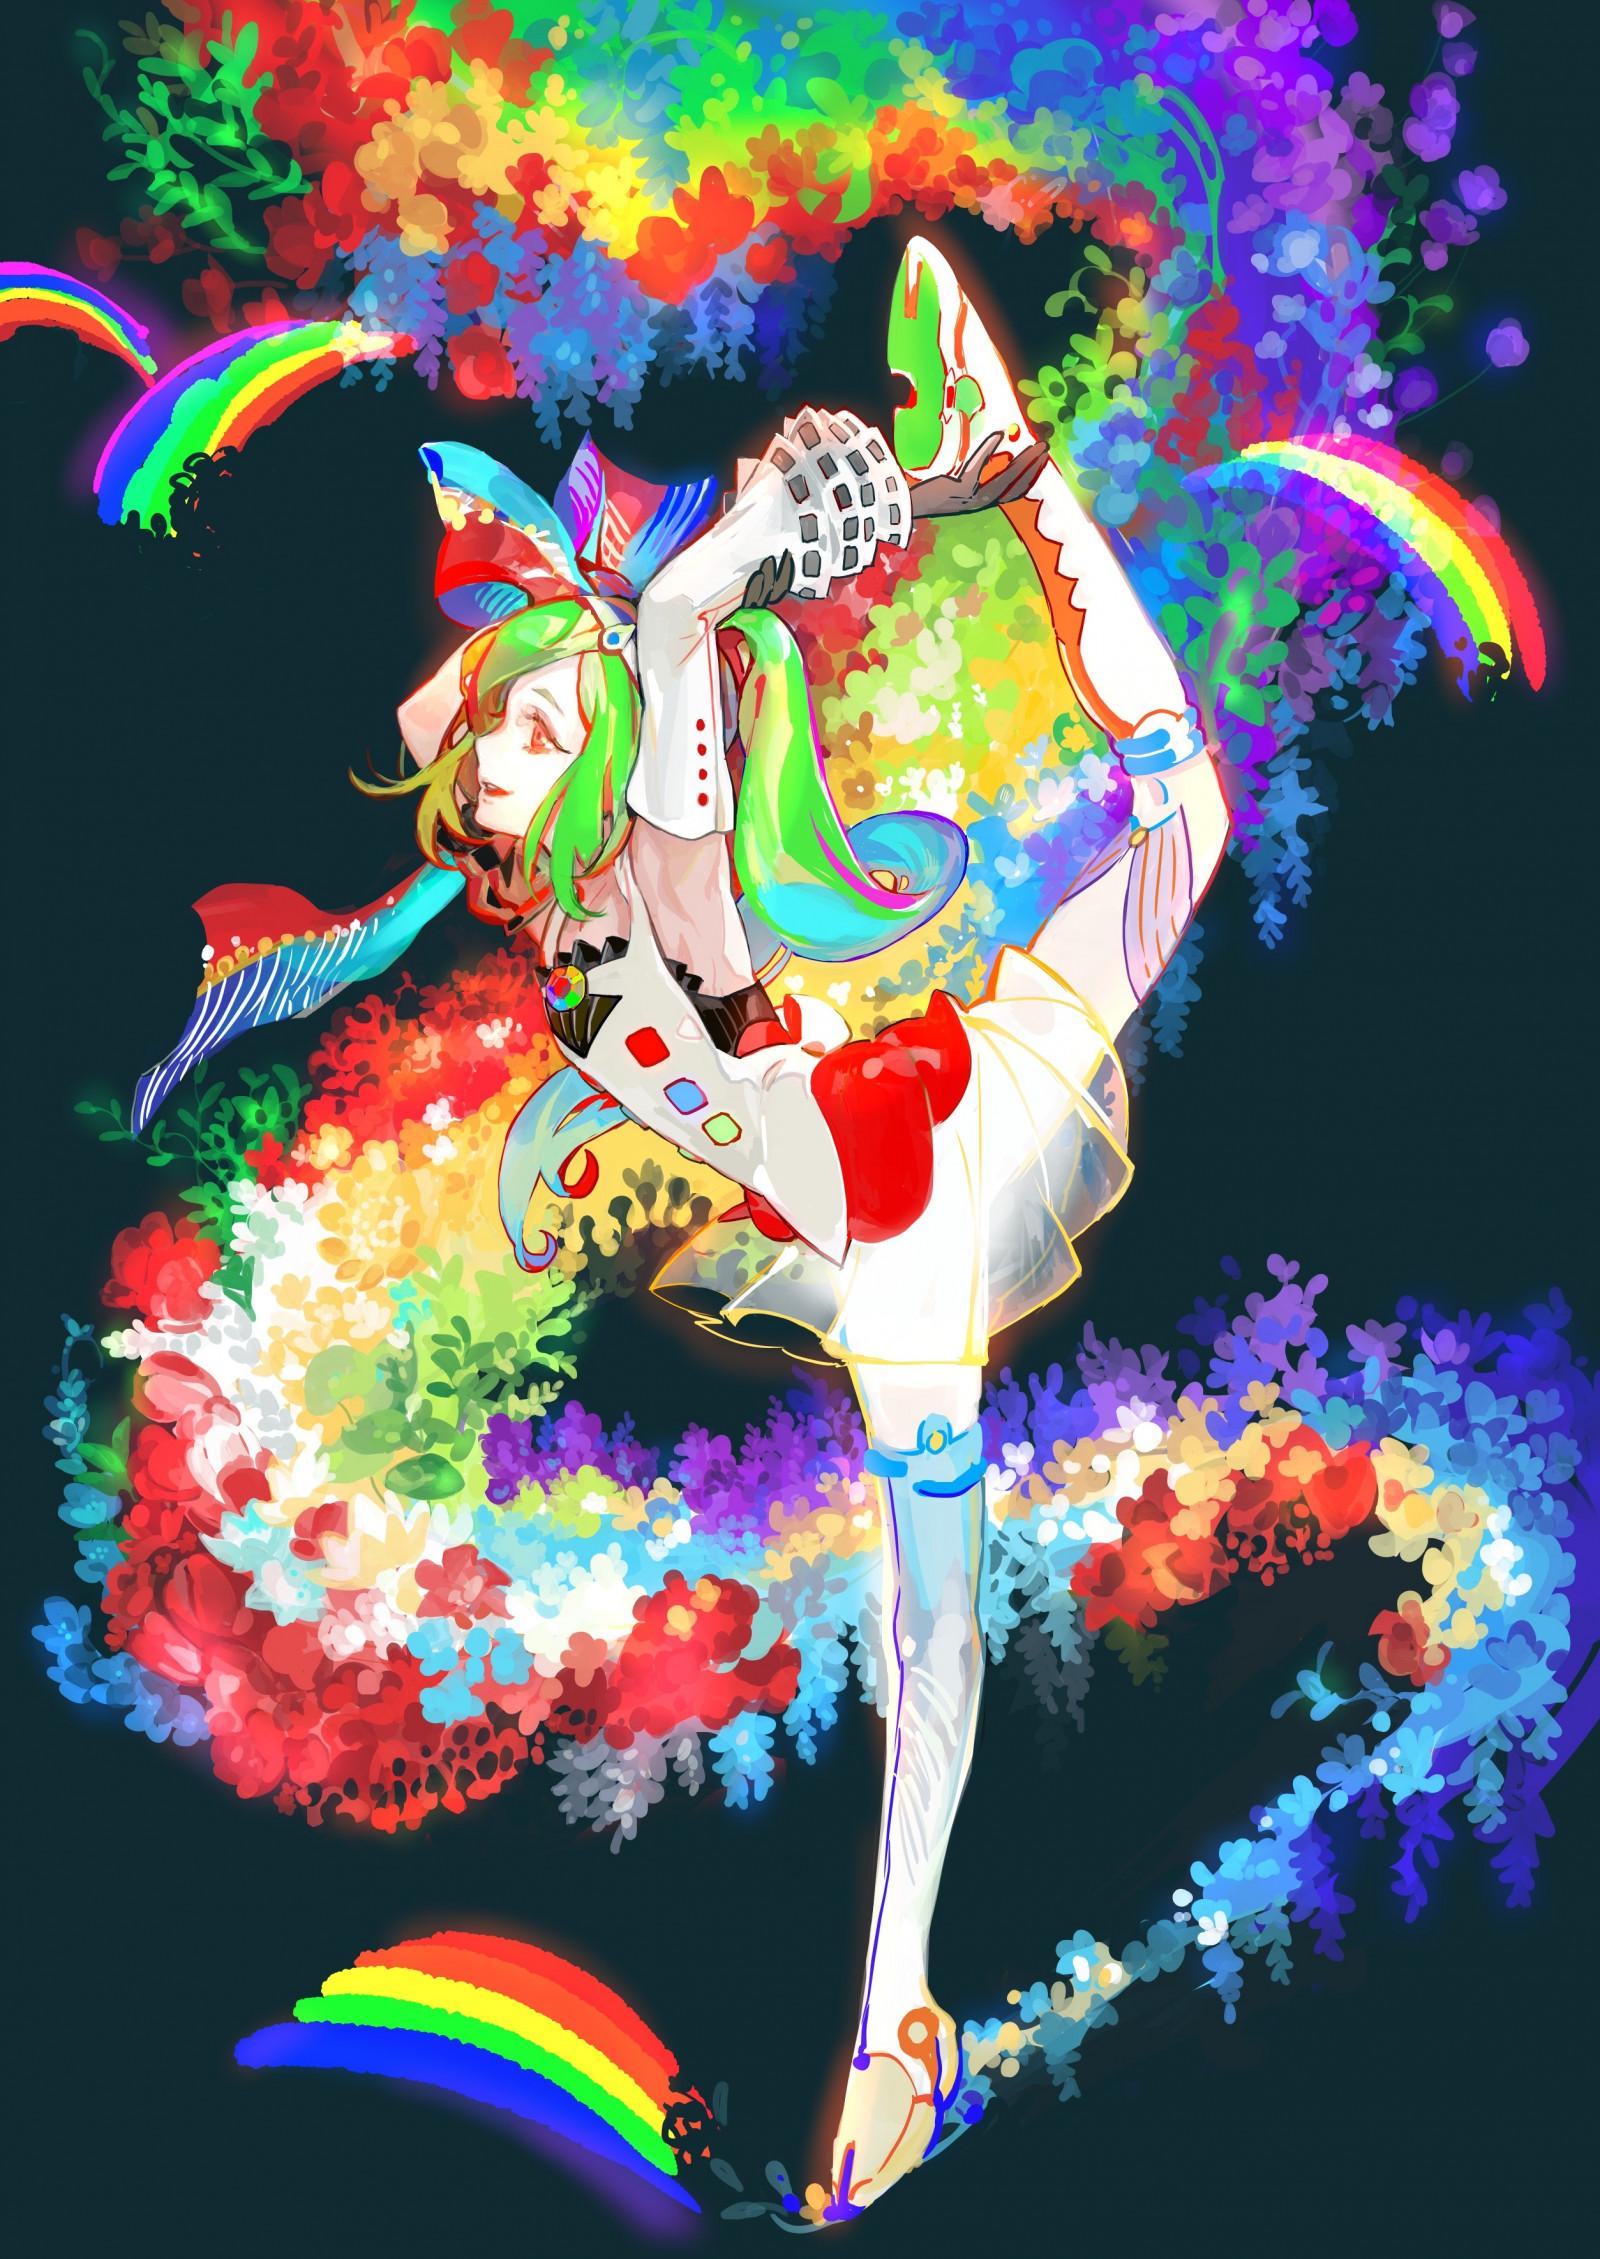 Wallpaper : colorful, illustration, long hair, anime girls ...